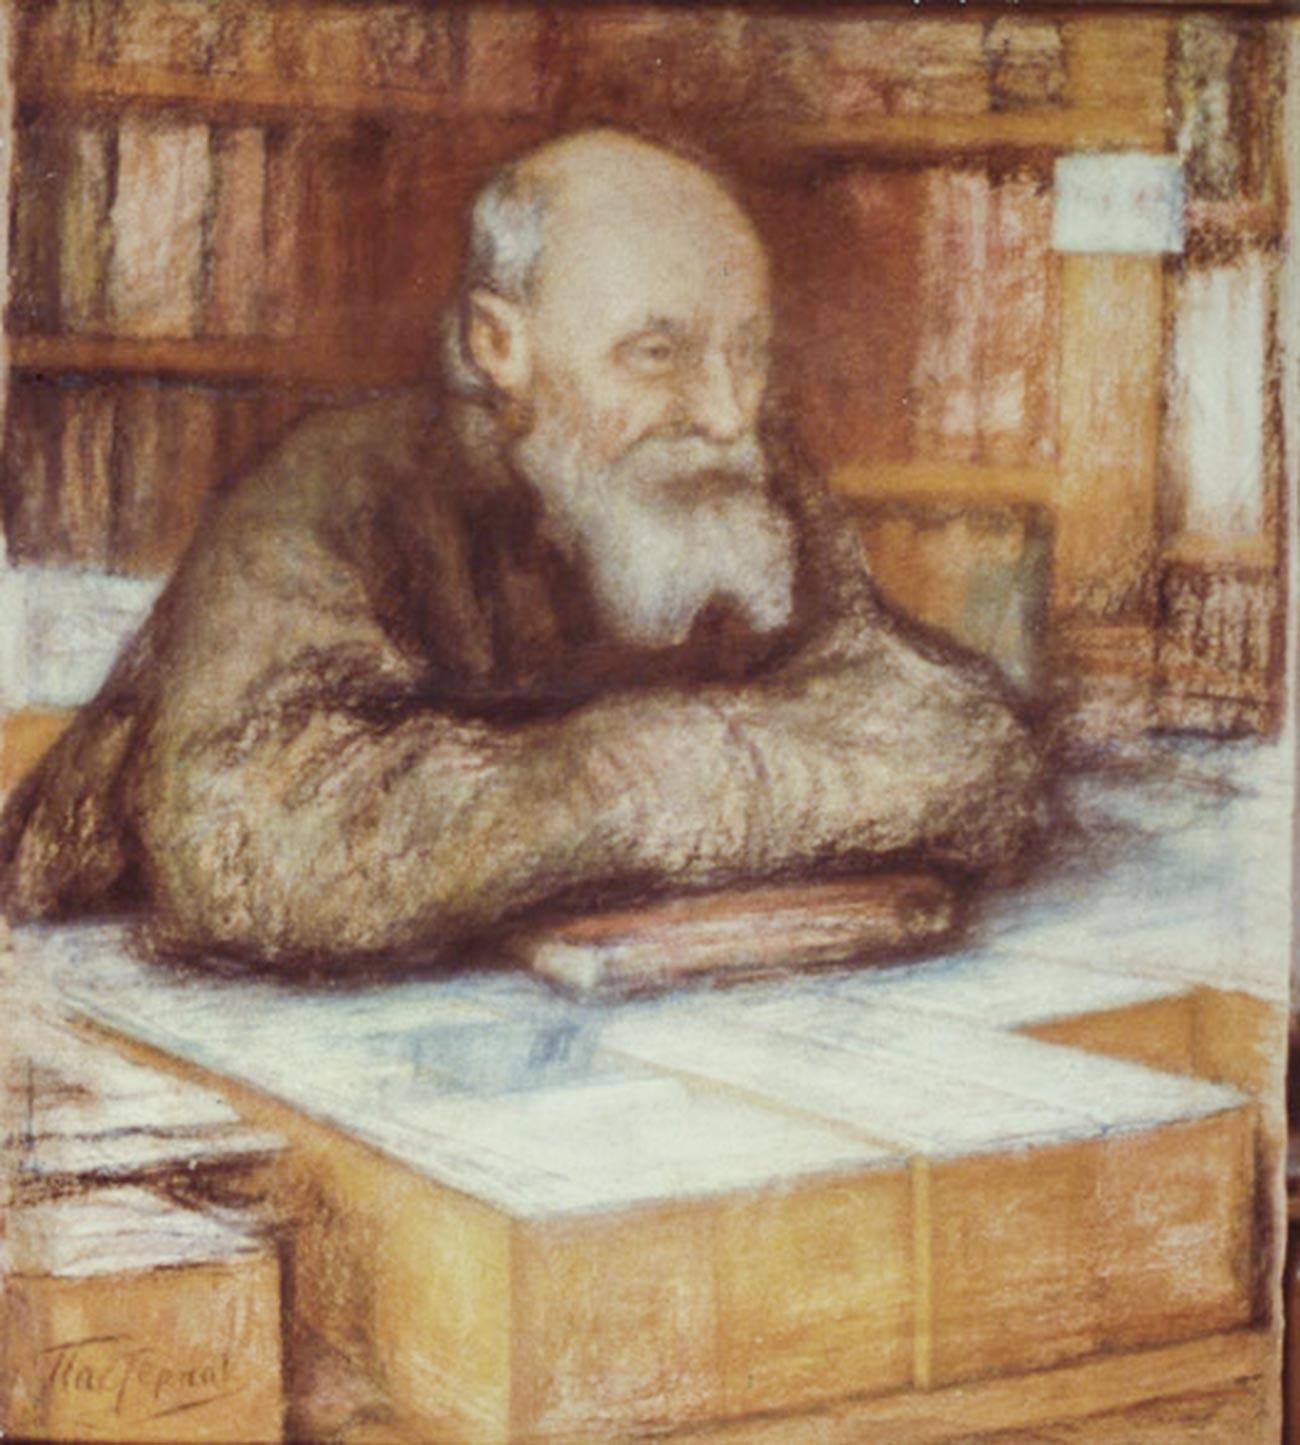 Portrait of Nikolay Fyodorov by Leonid Pasternak